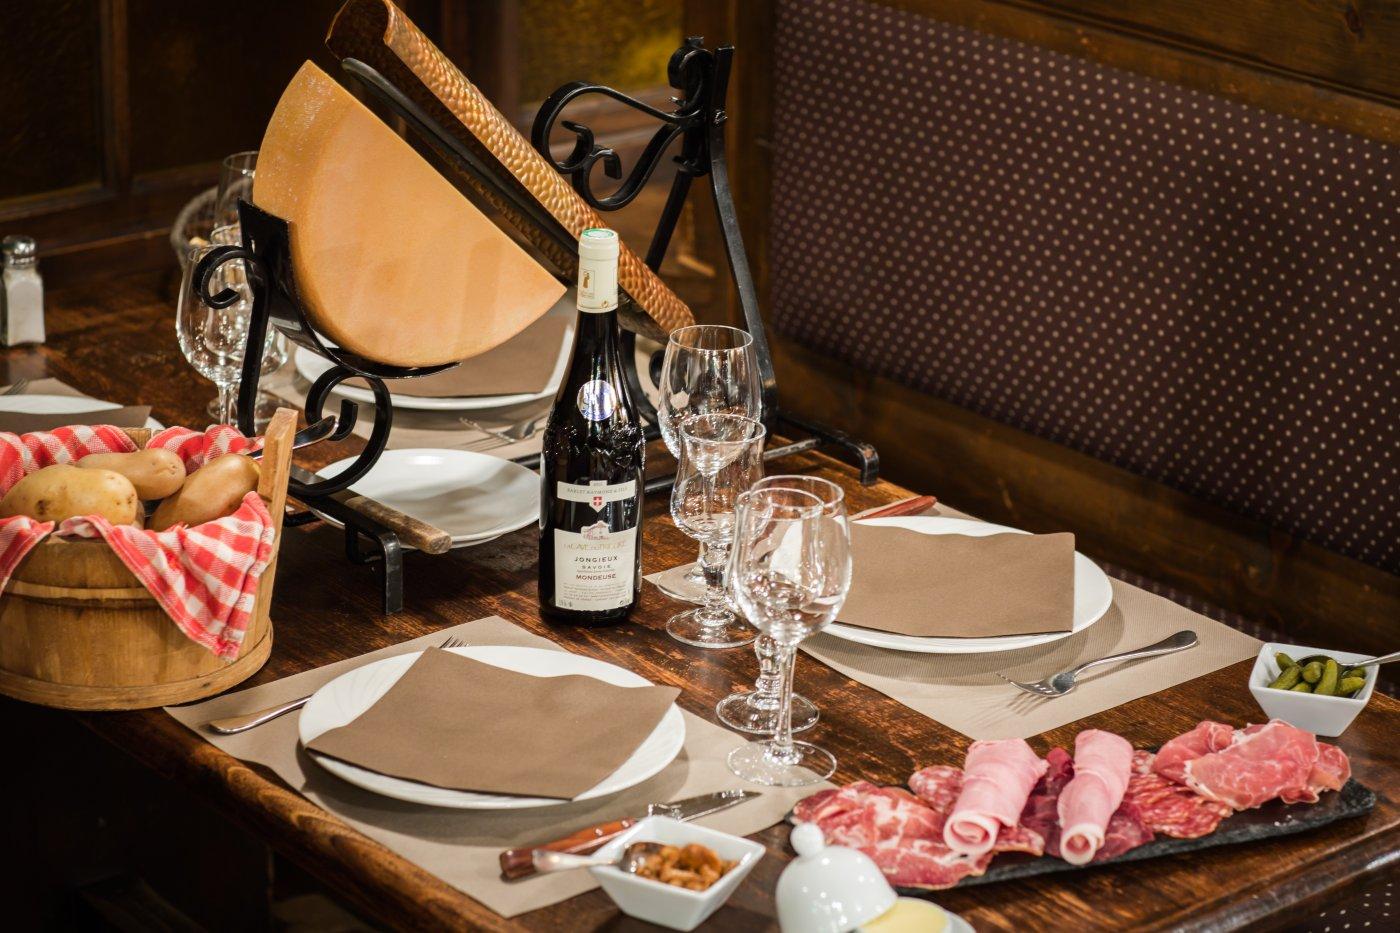 etale-a-morzine-une-adresse-pour-essayer-accord-parfait-entre-fromages-charcuteries-et-vins